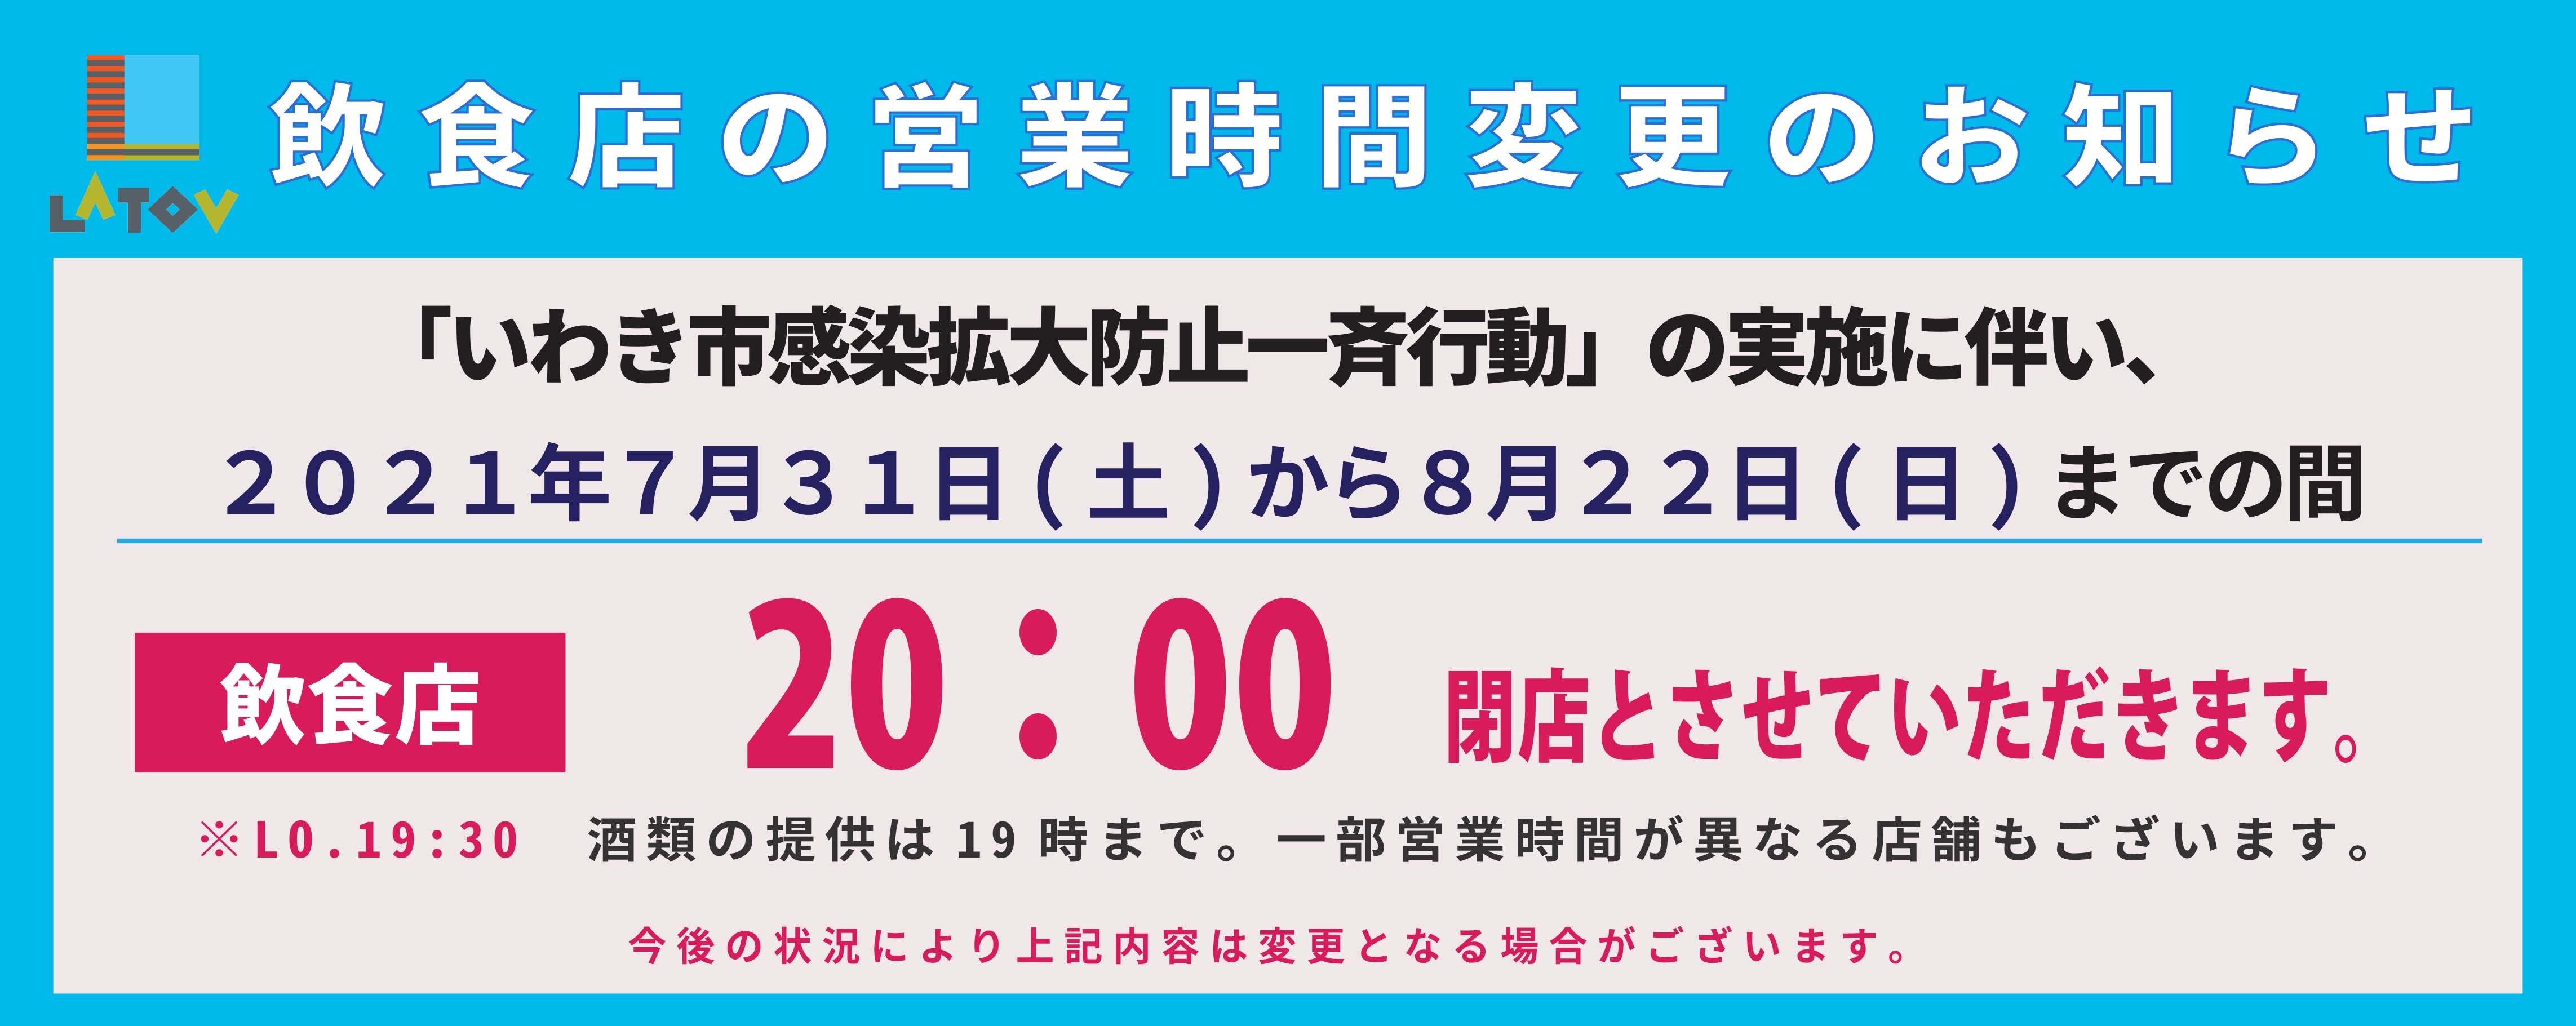 飲食店営業時間変更2021.7.31-8.22